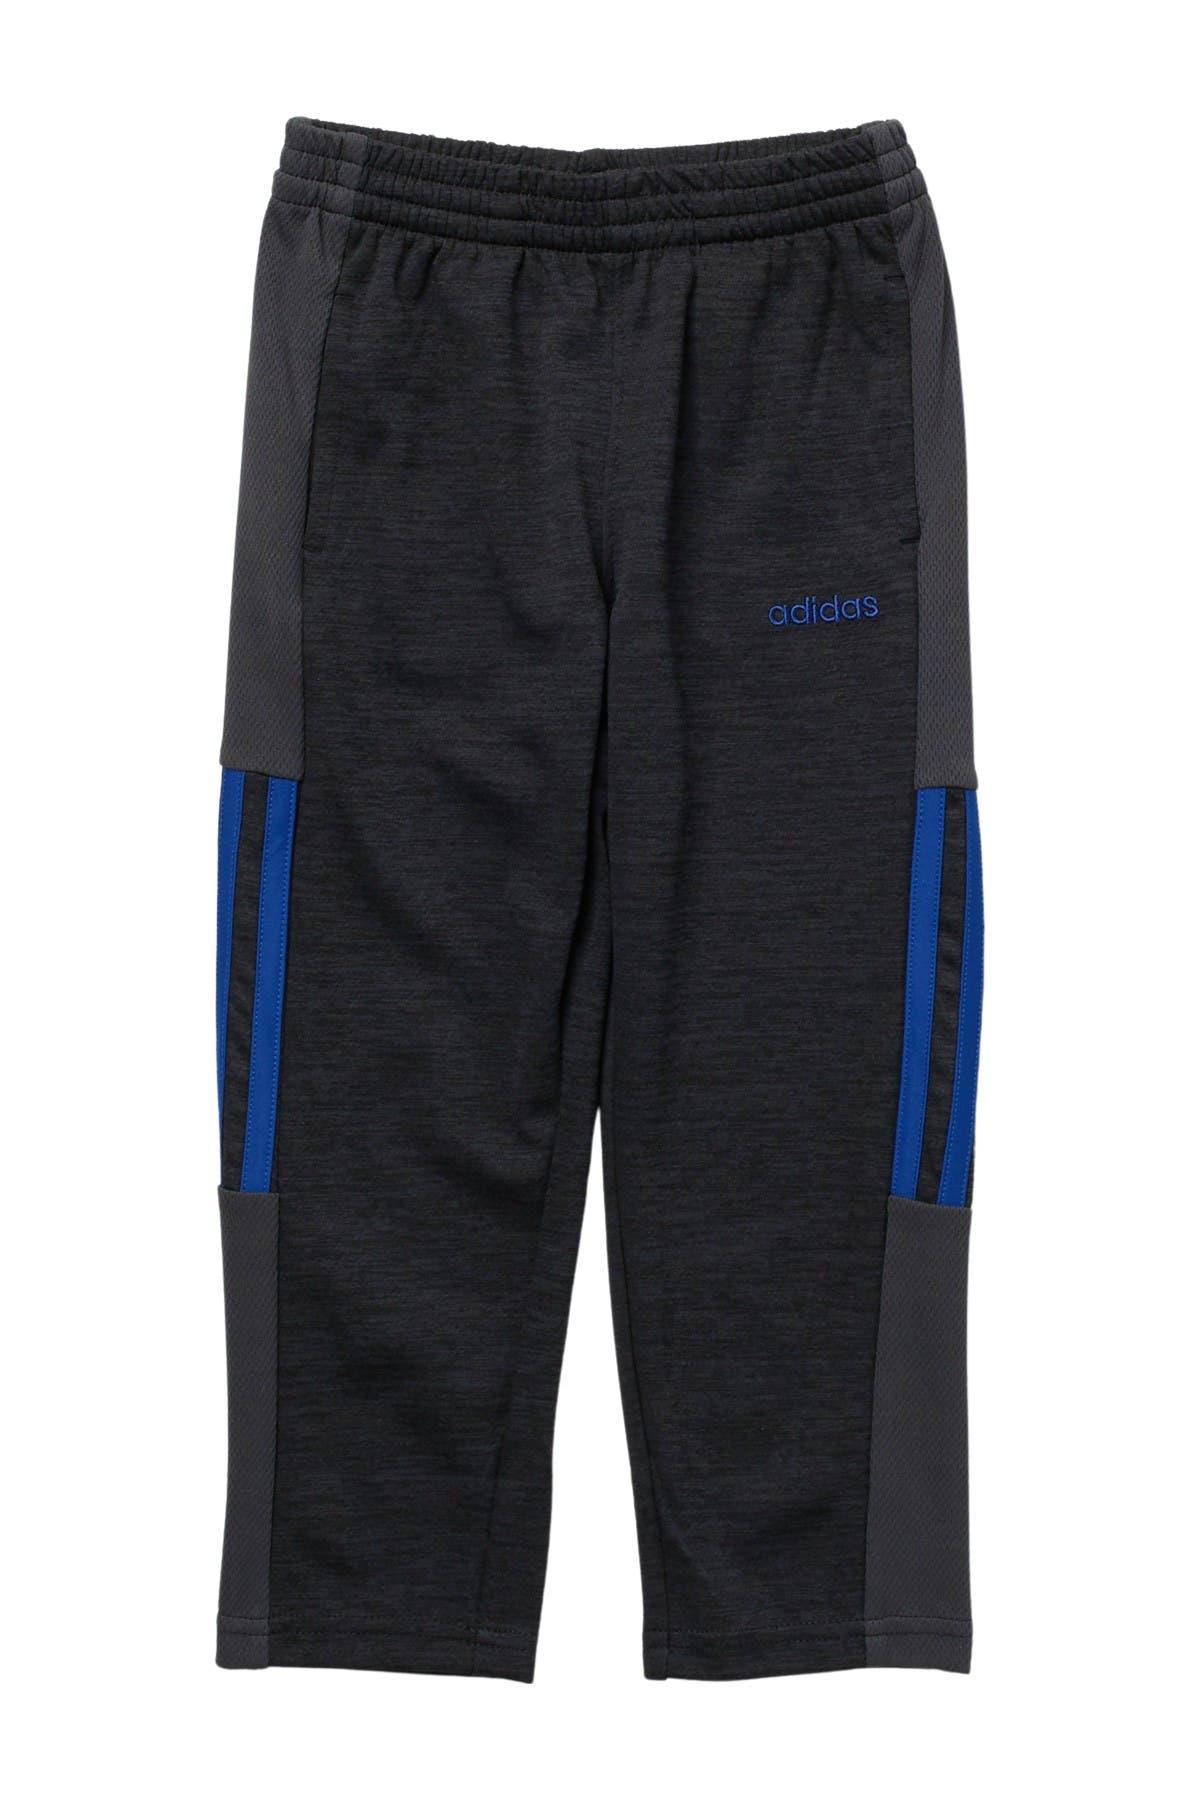 Image of adidas Melange Mesh Pants